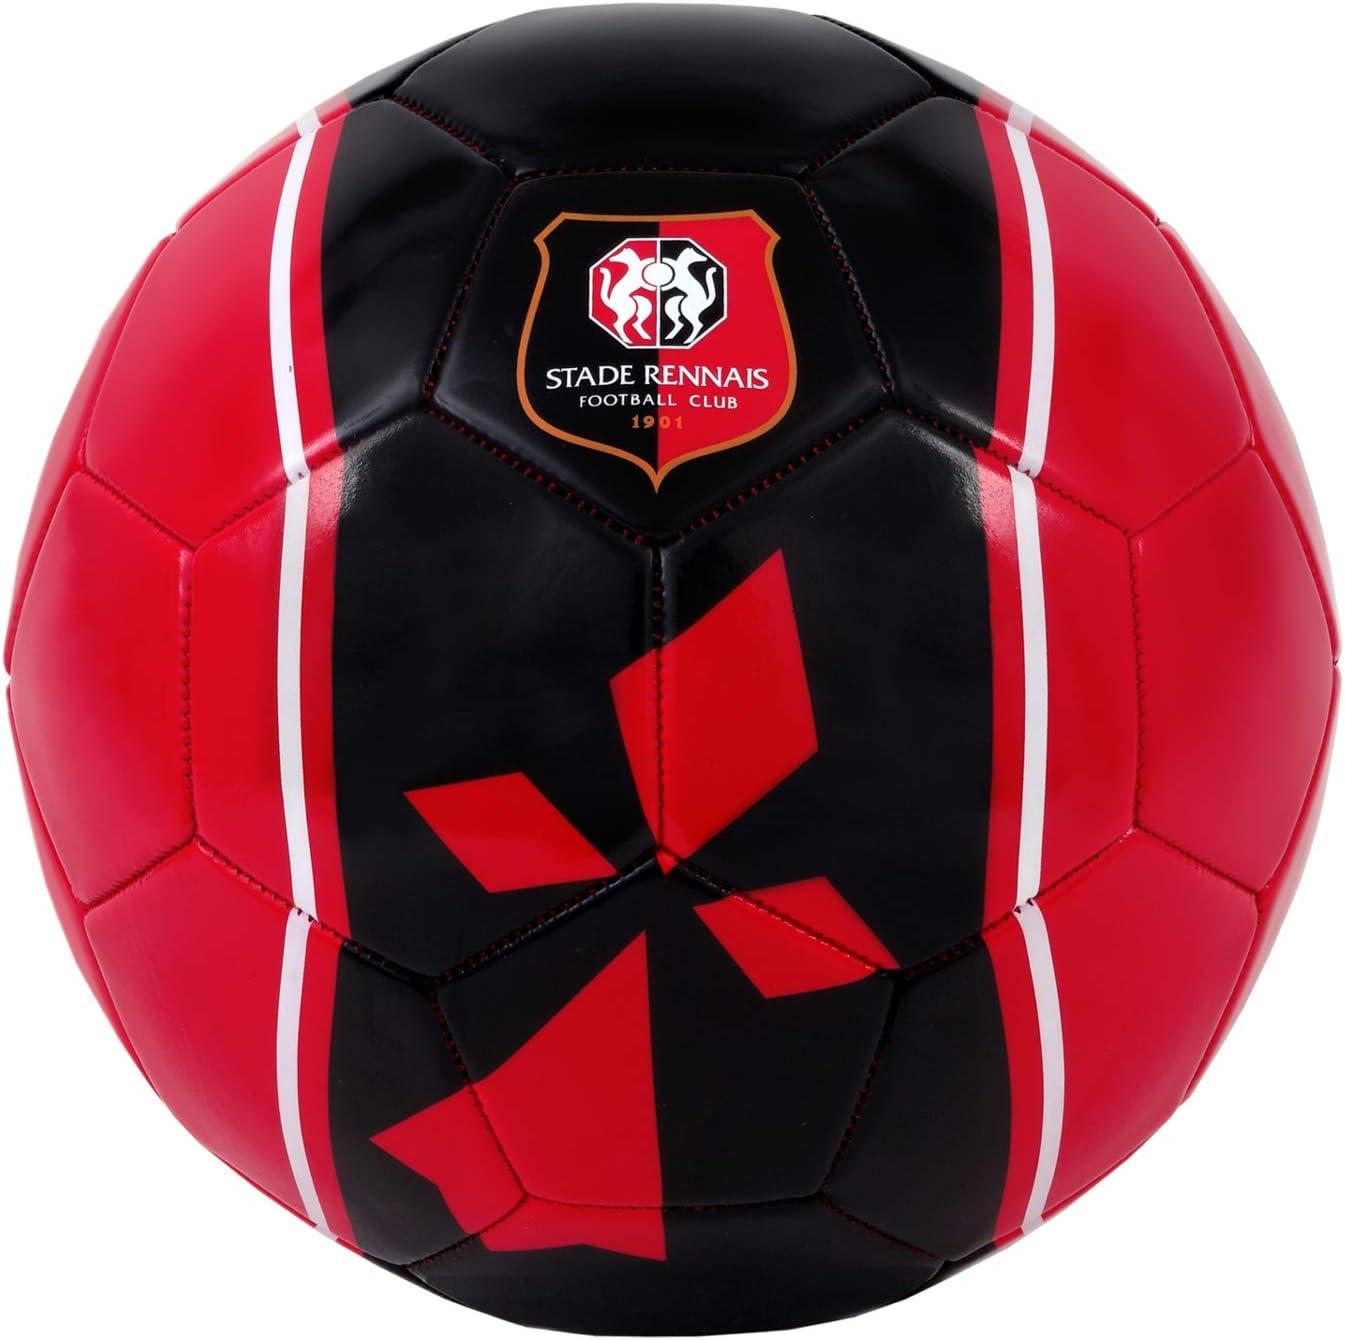 Collection Officielle T 5 Stade Rennais Ballon de Football Rennes